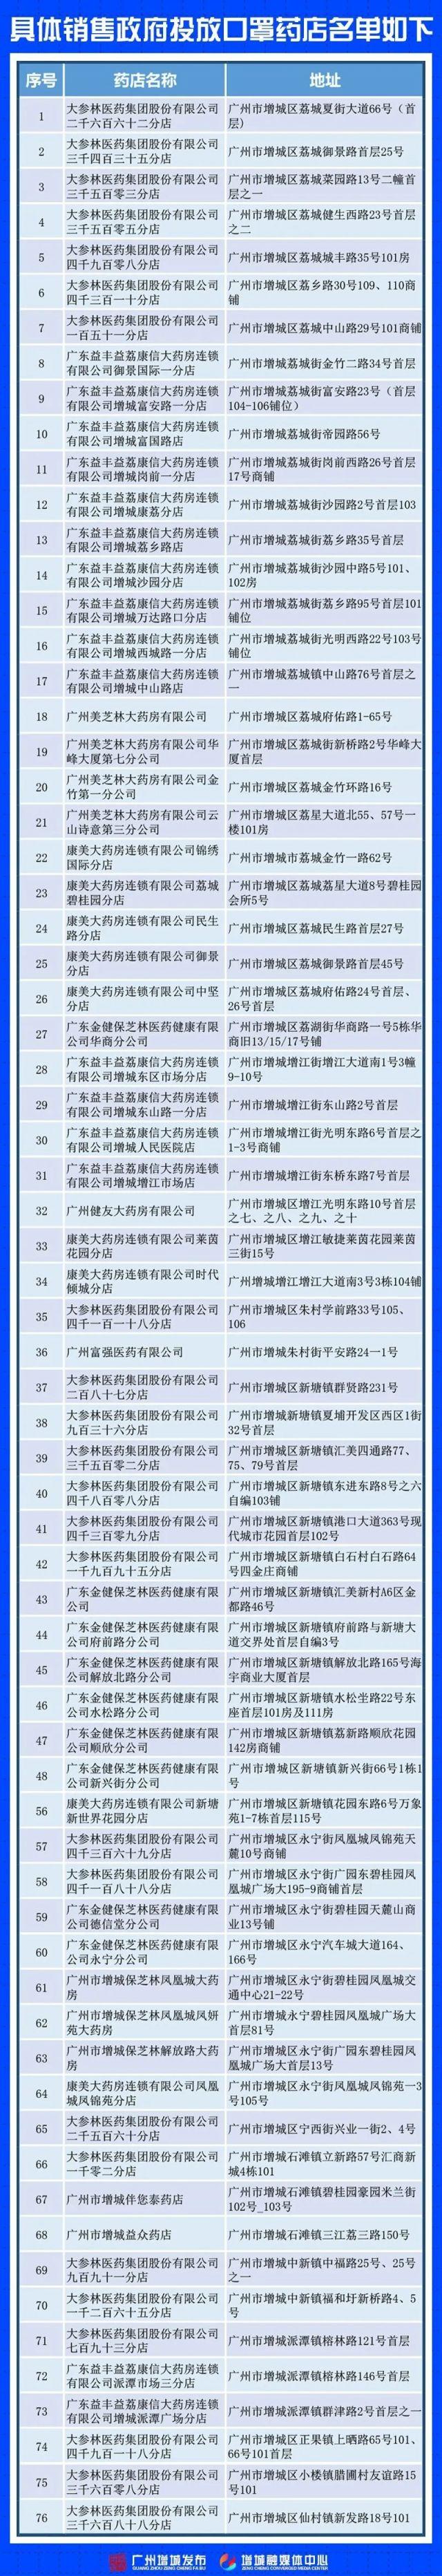 广州增城区口罩中签后怎么购买